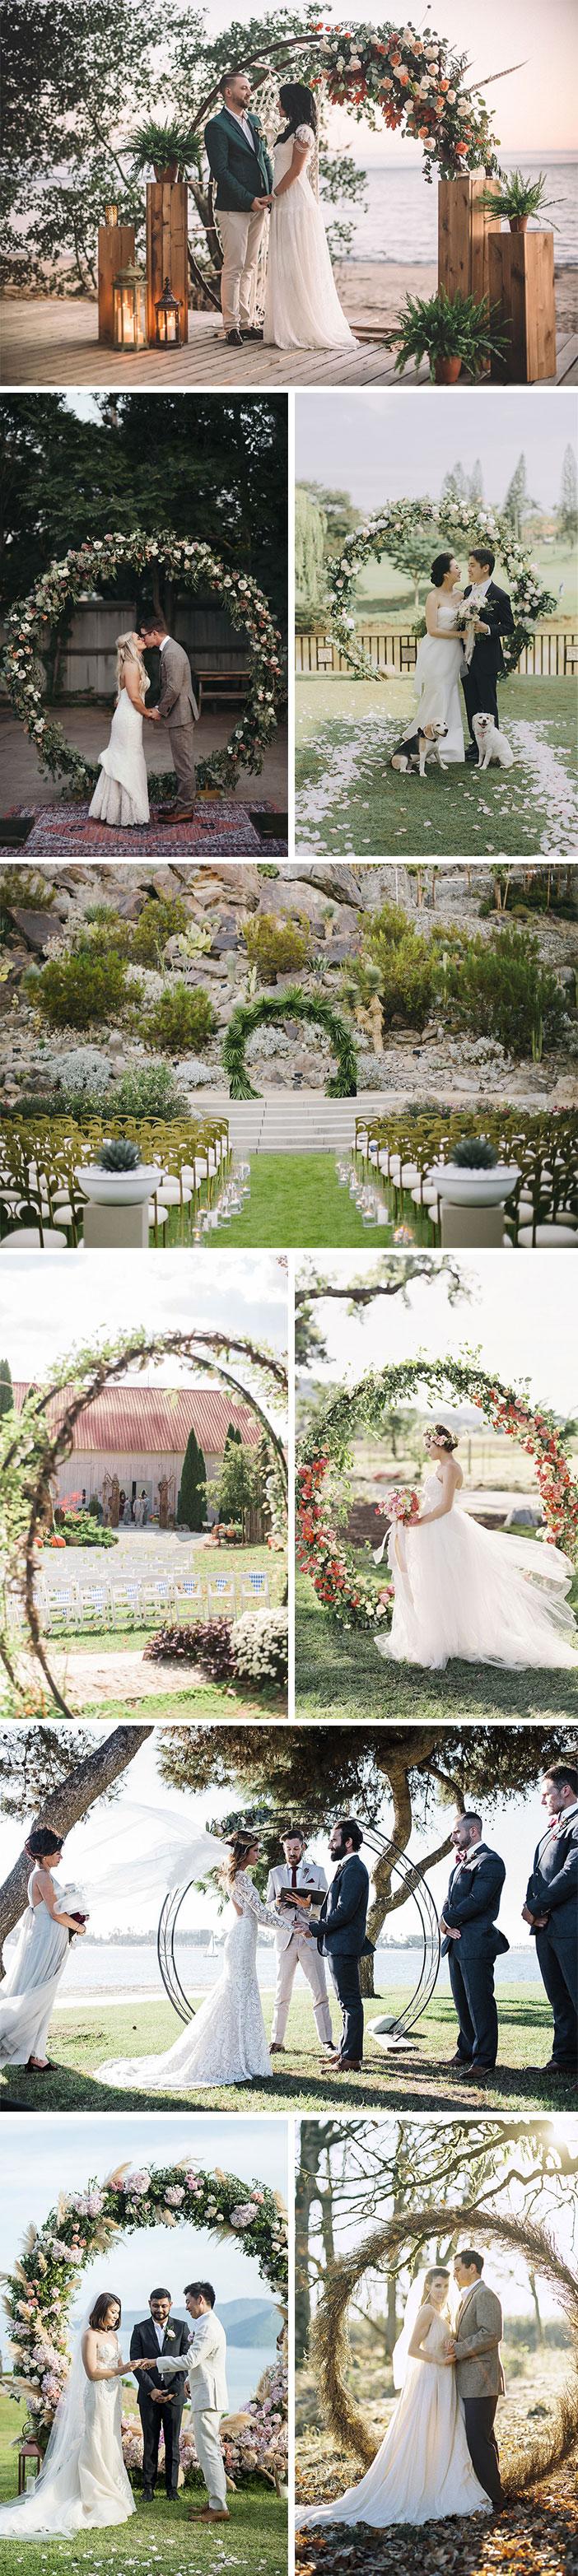 Tendência casamentos: Decoração circular para altar